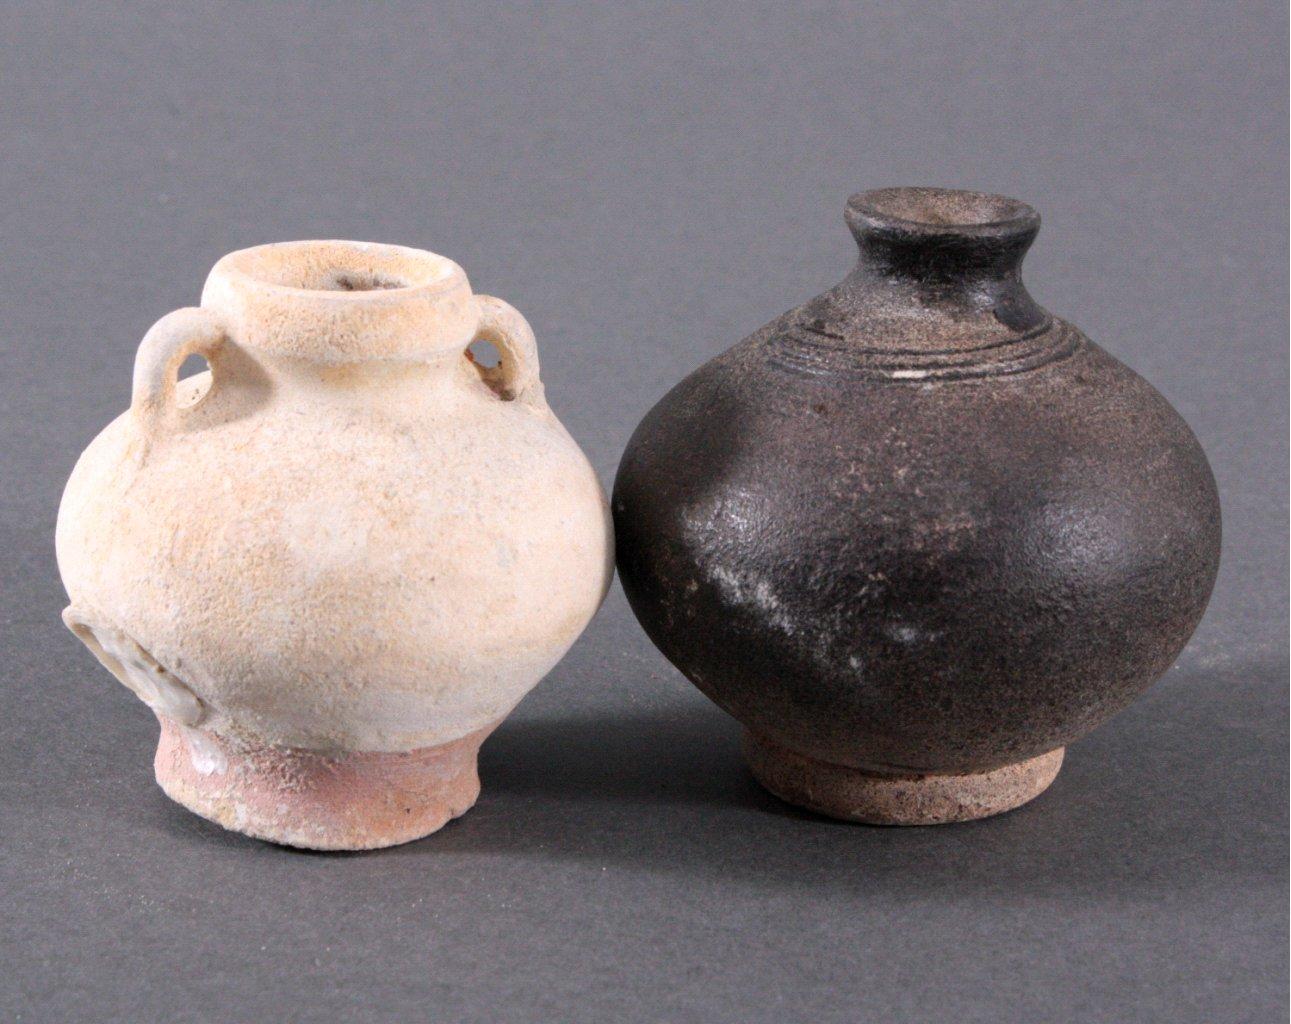 2 kleine Vorratsgefäße, Ankor-Periode 12./13. Jahrhundert, Kambodscha-2